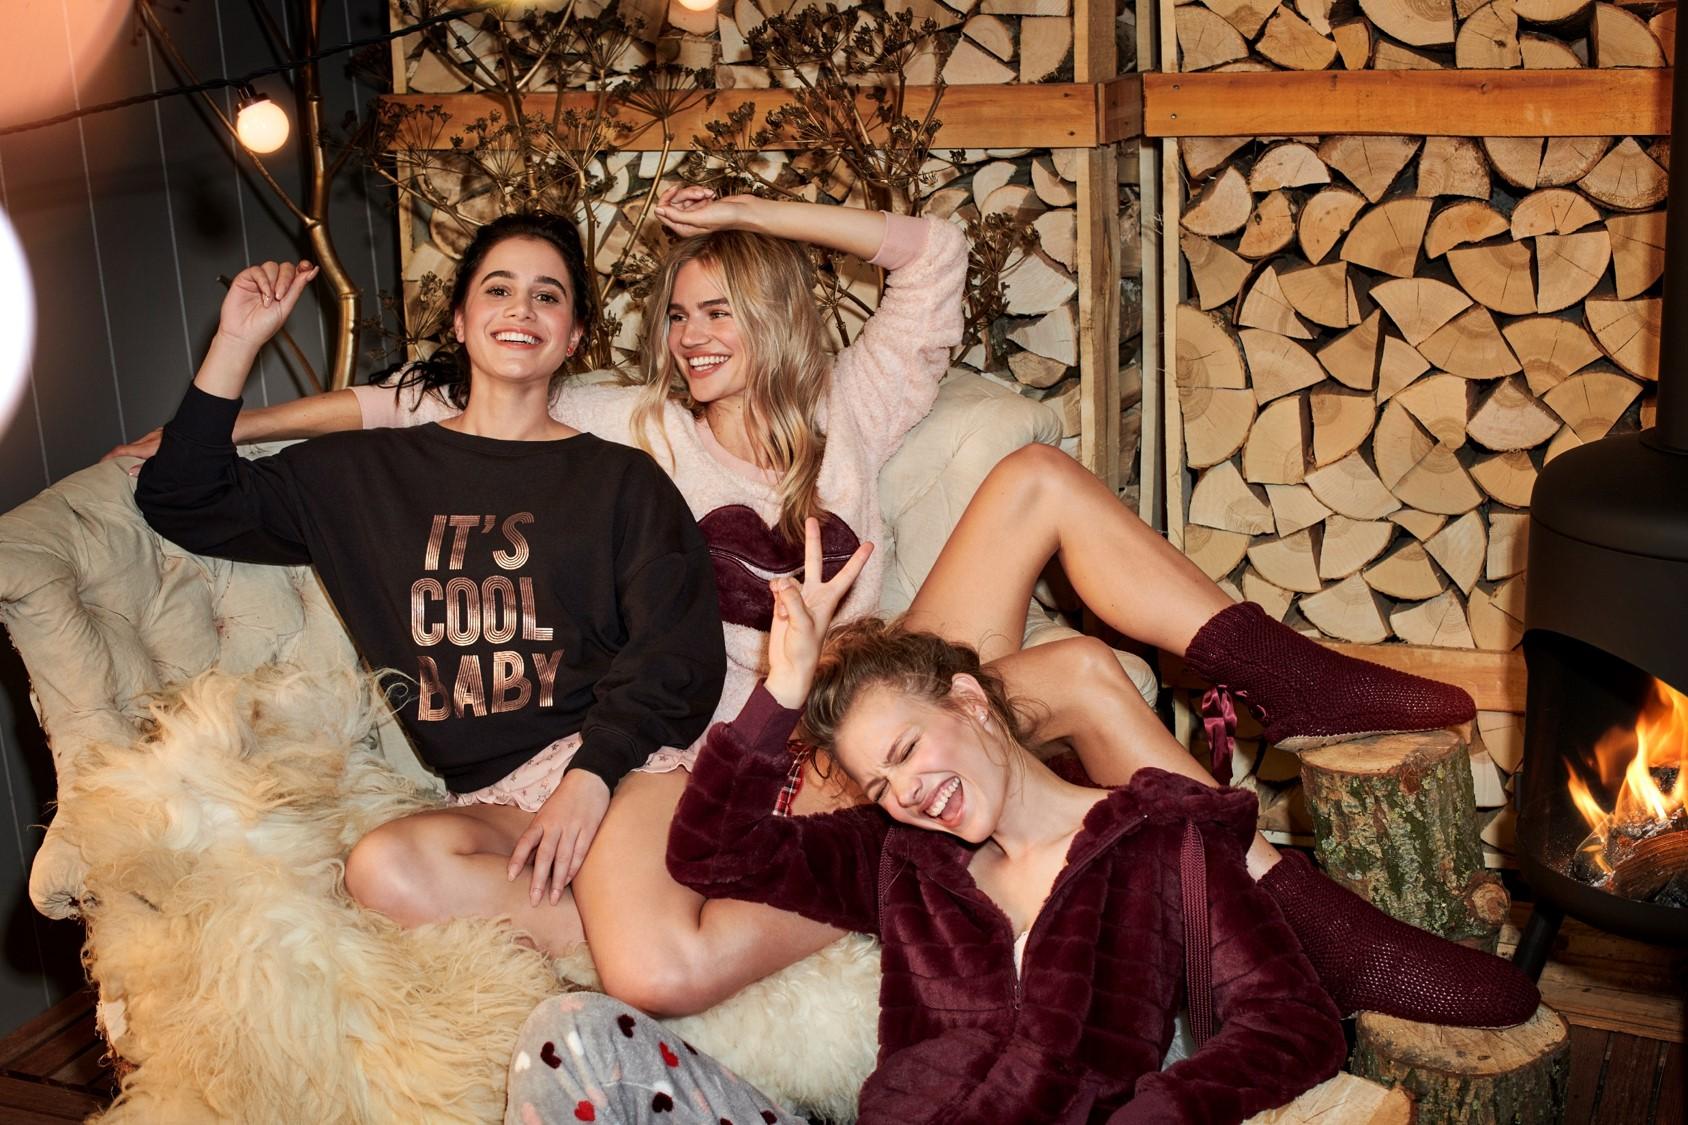 Домашняя мода: стильные и уютные пижамы для ленивых